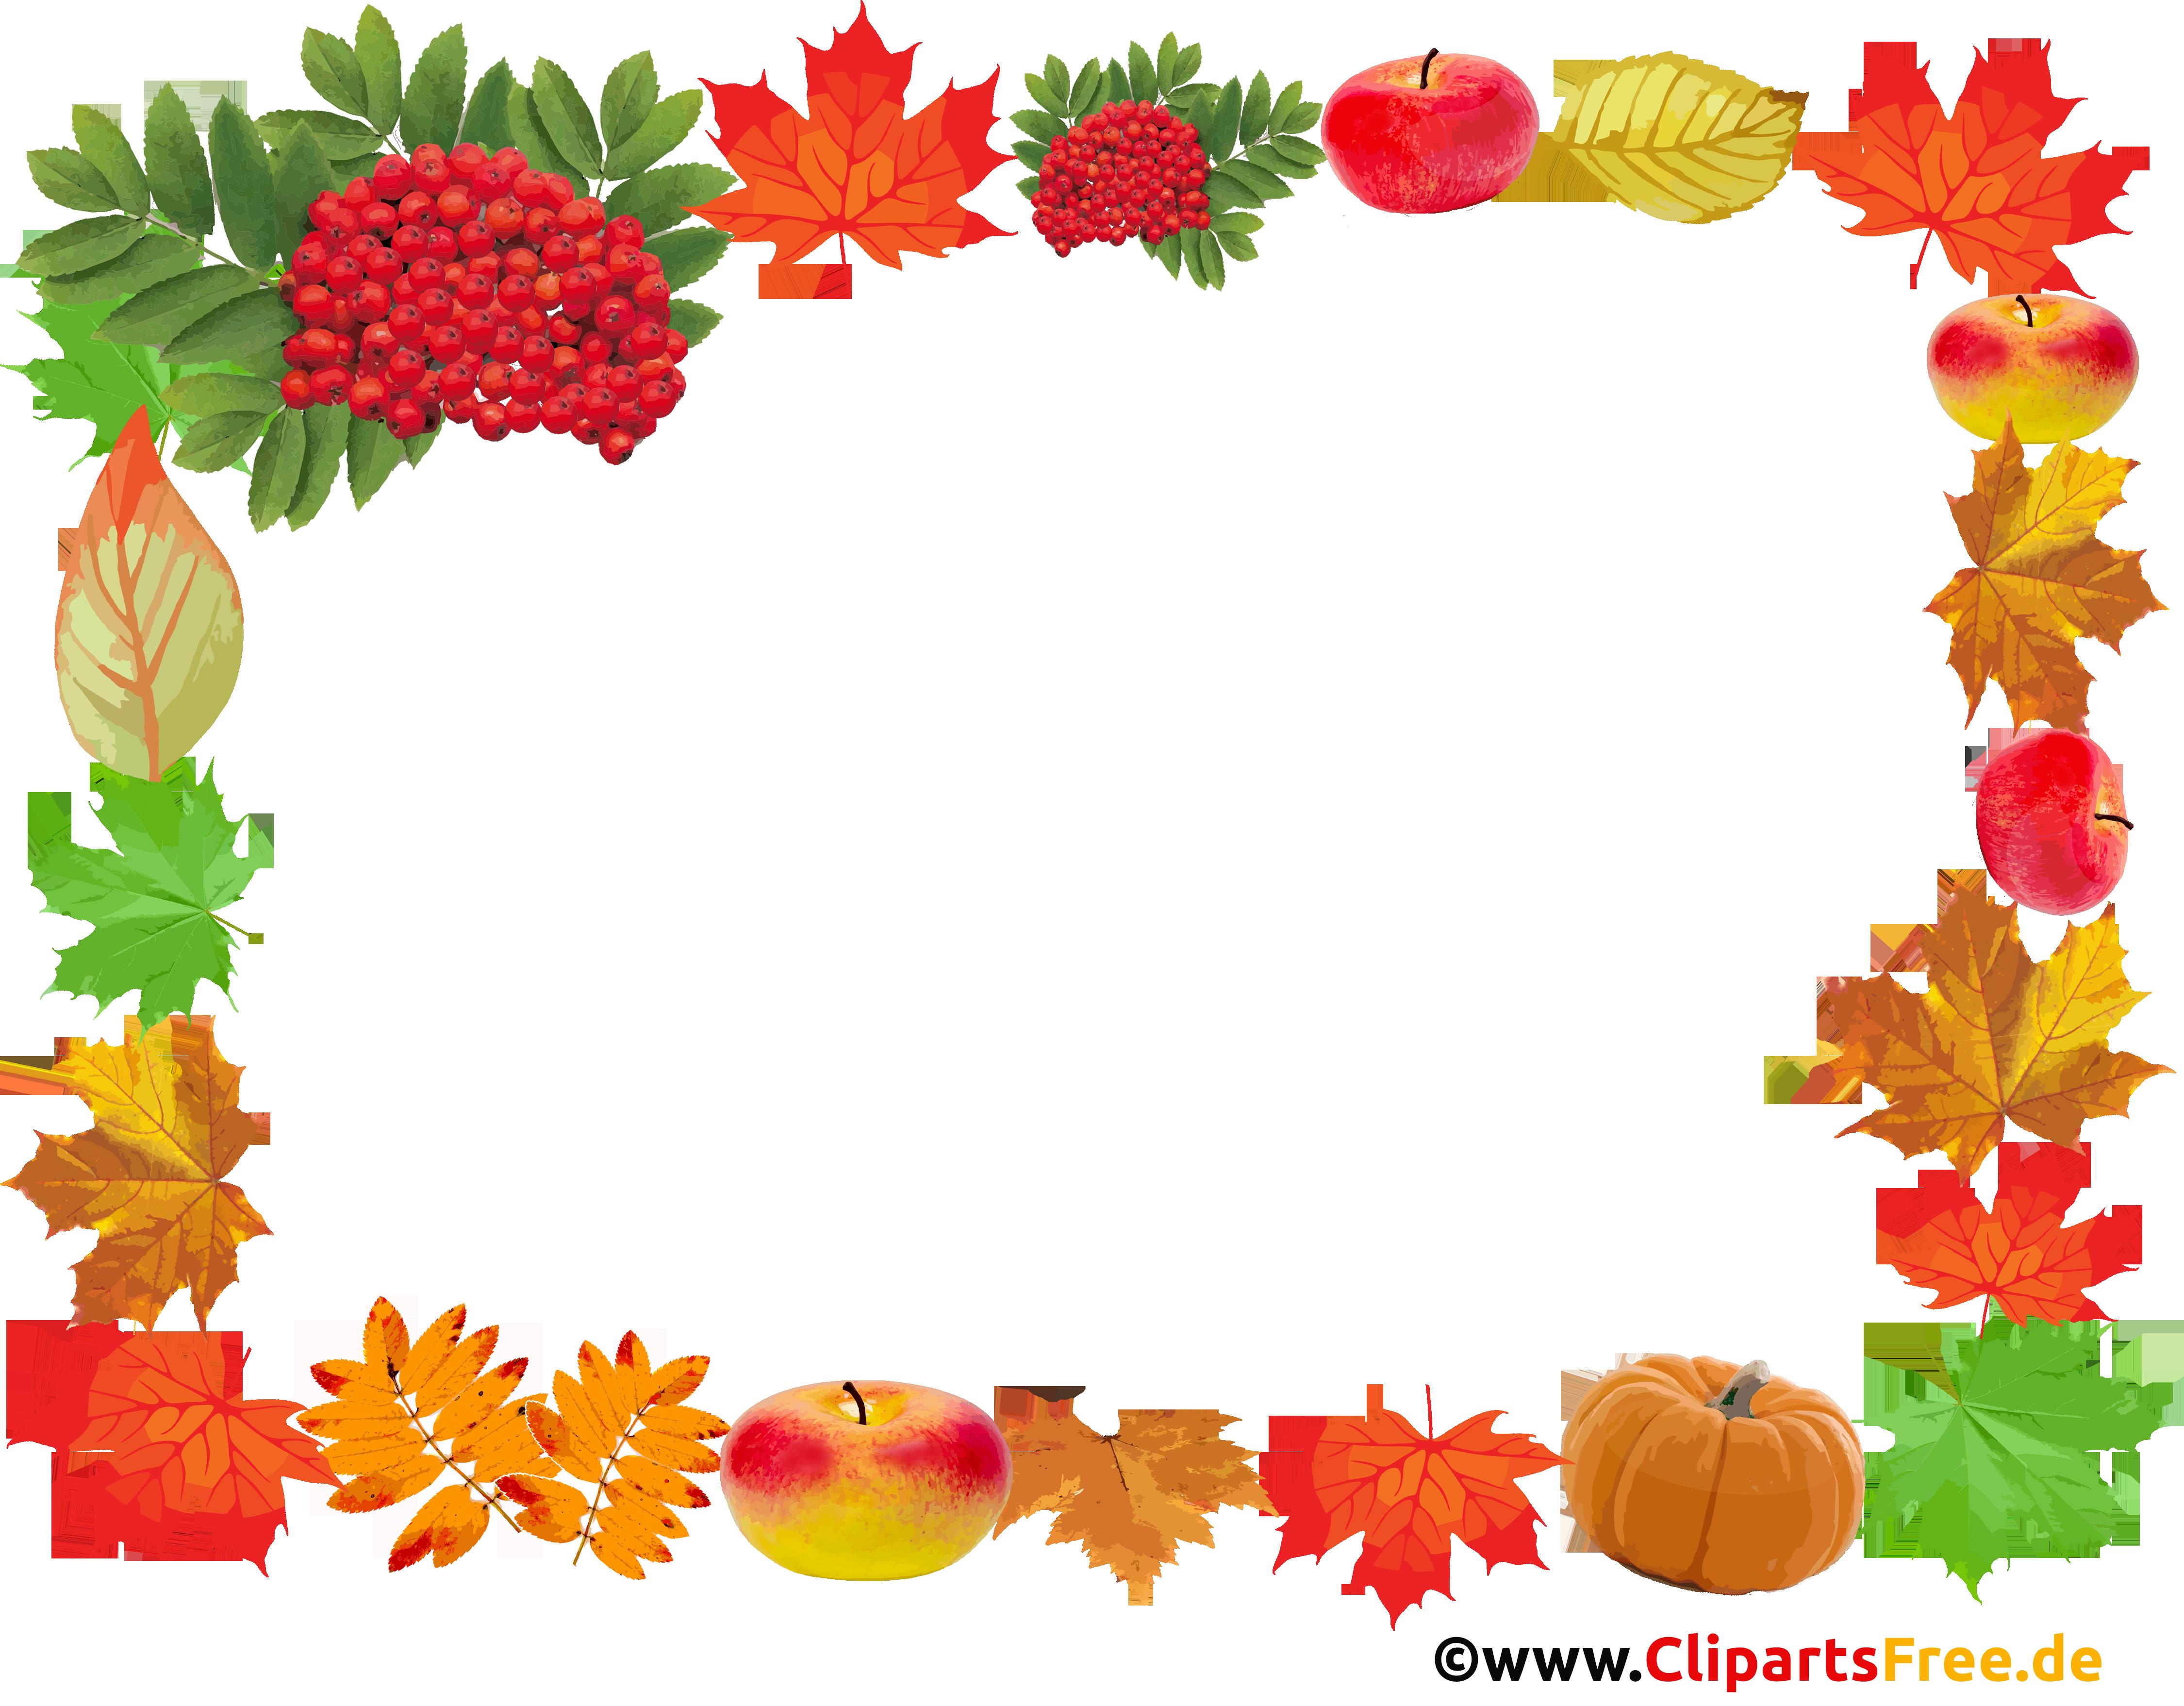 Herbst Fotorahmen, Bildrahmen, Zierrahmen PNG durchsichtigt